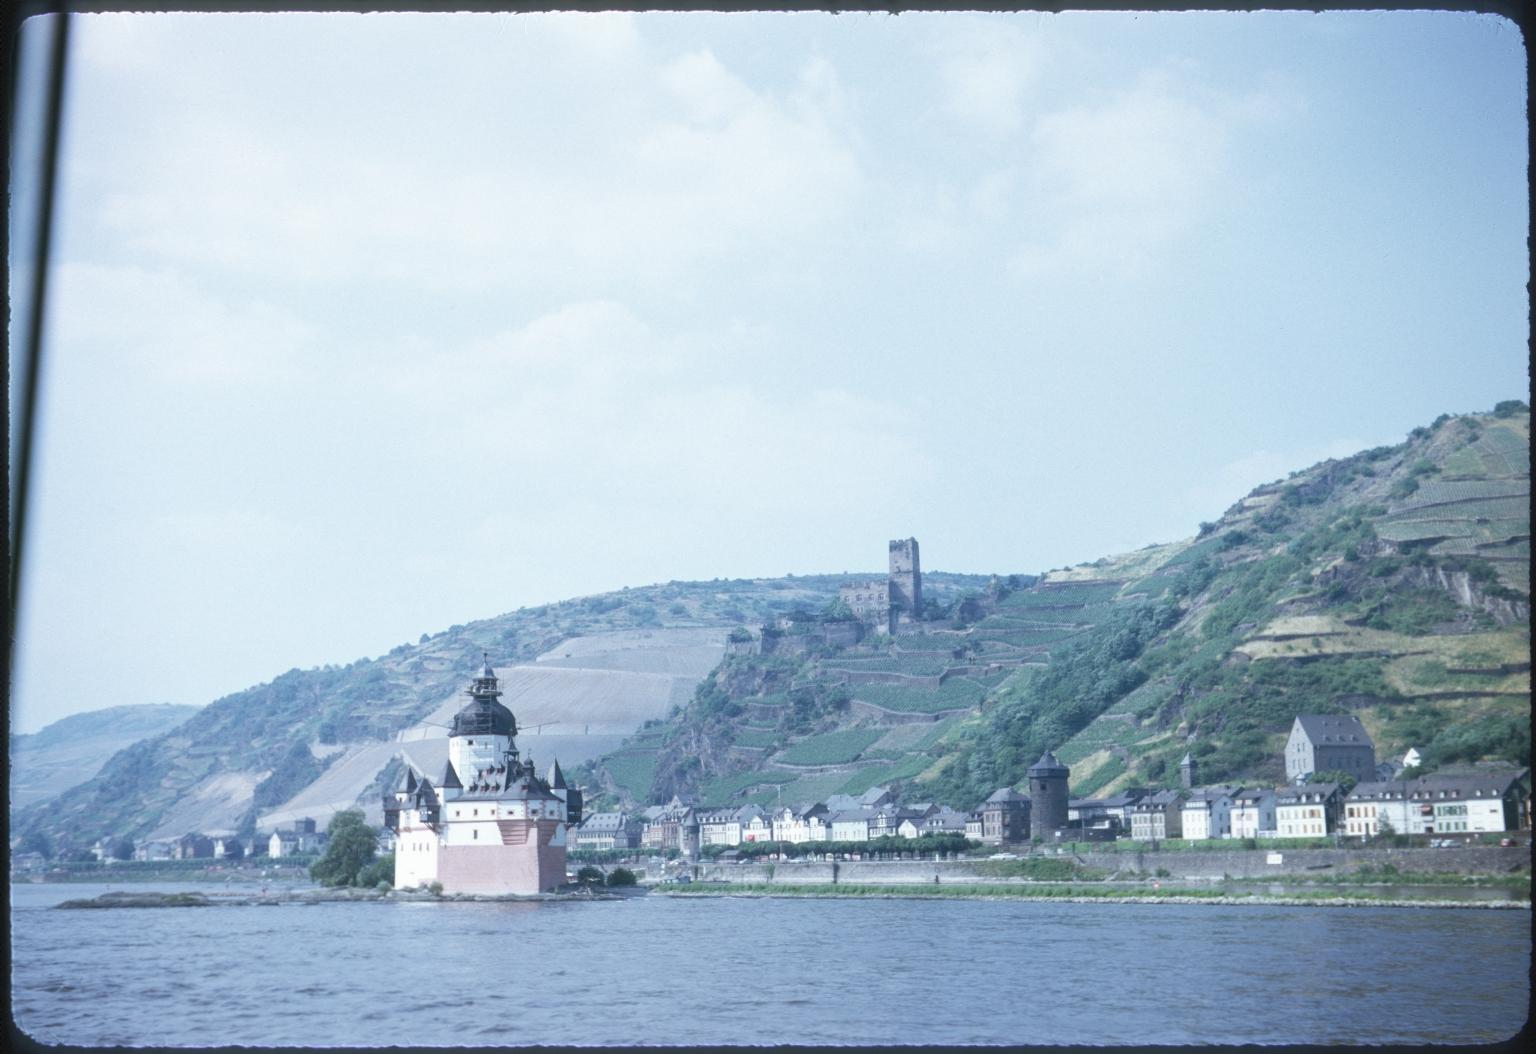 Pfalzgrafenstein Castle and Gutenfels Castle